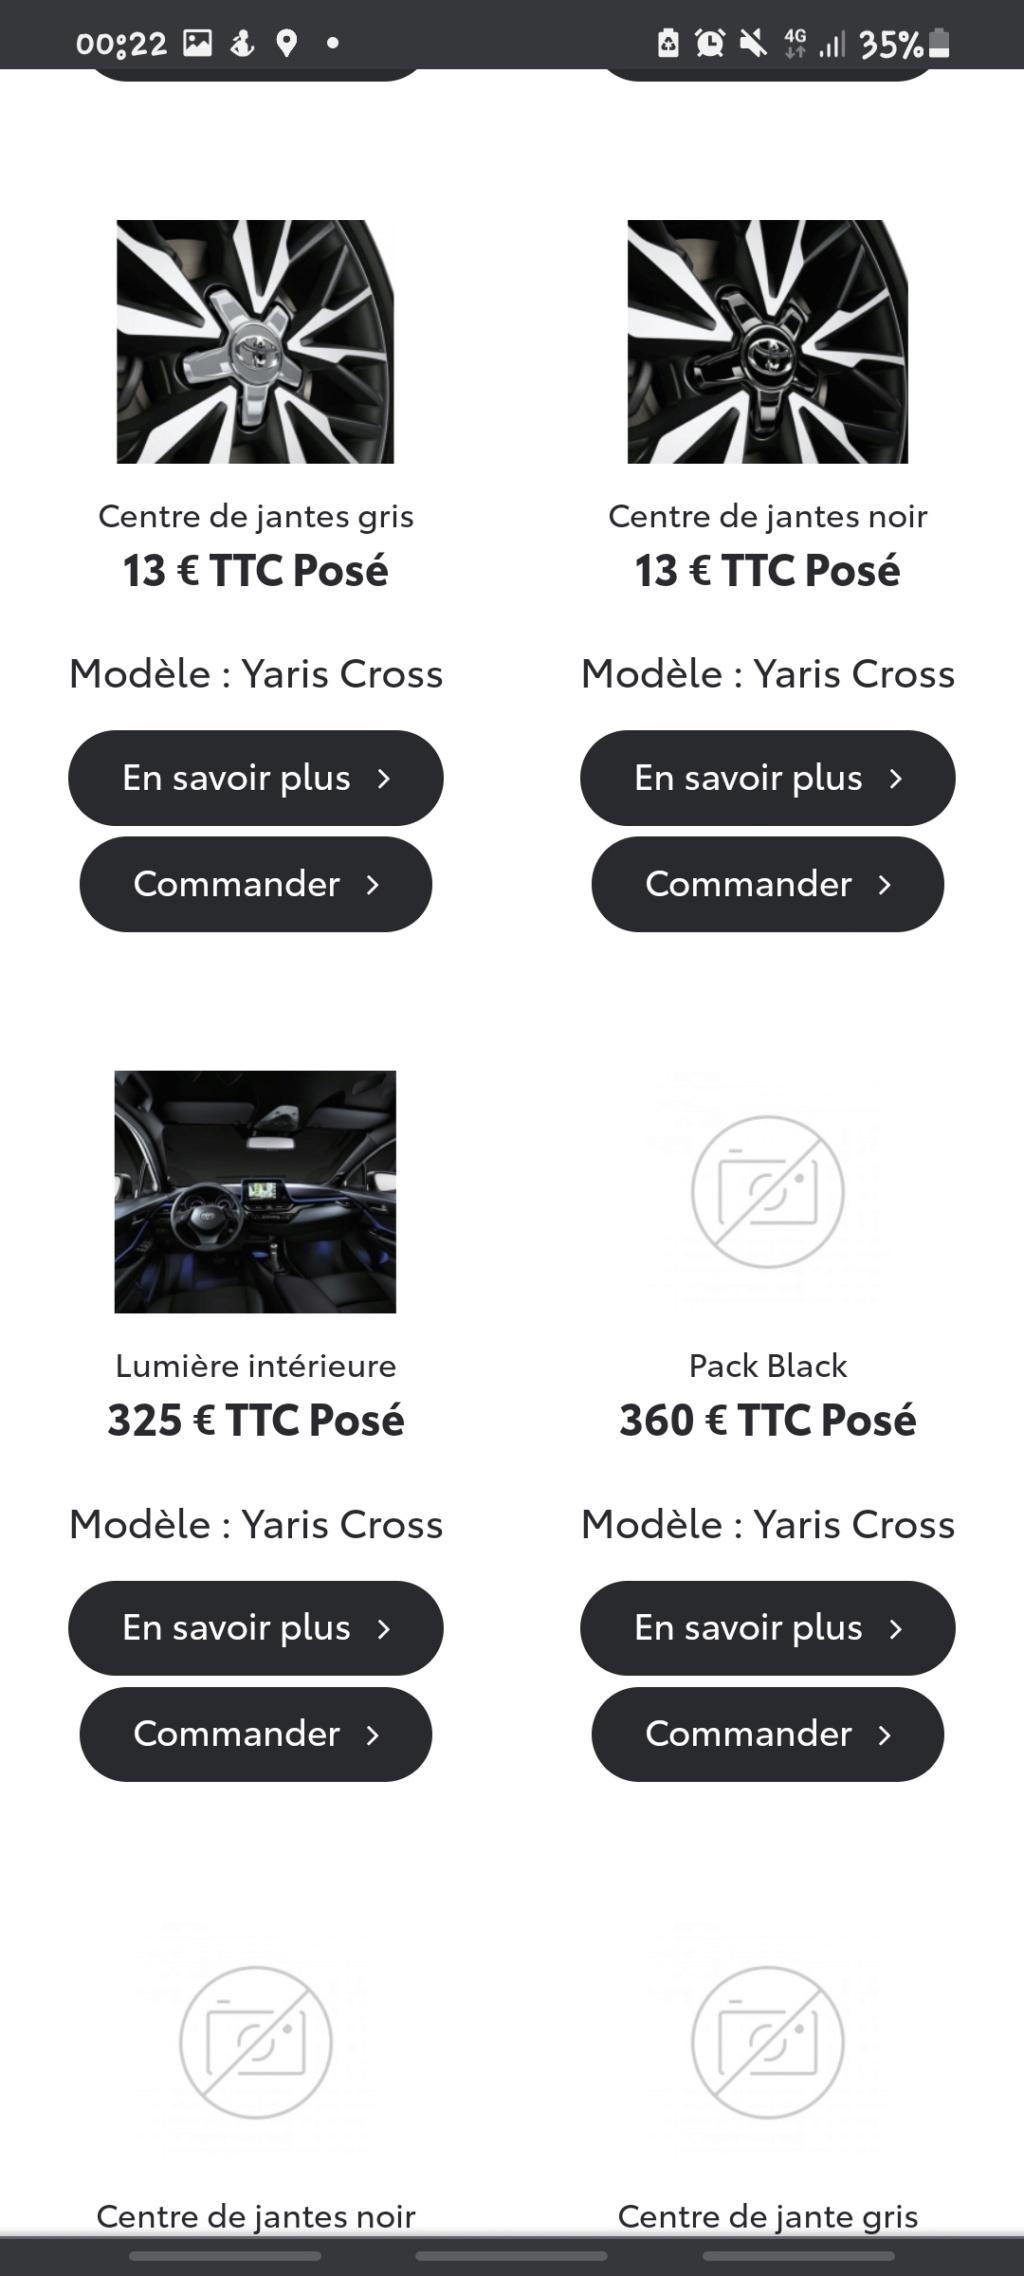 Accessoires pour Yaris Cross Screen56